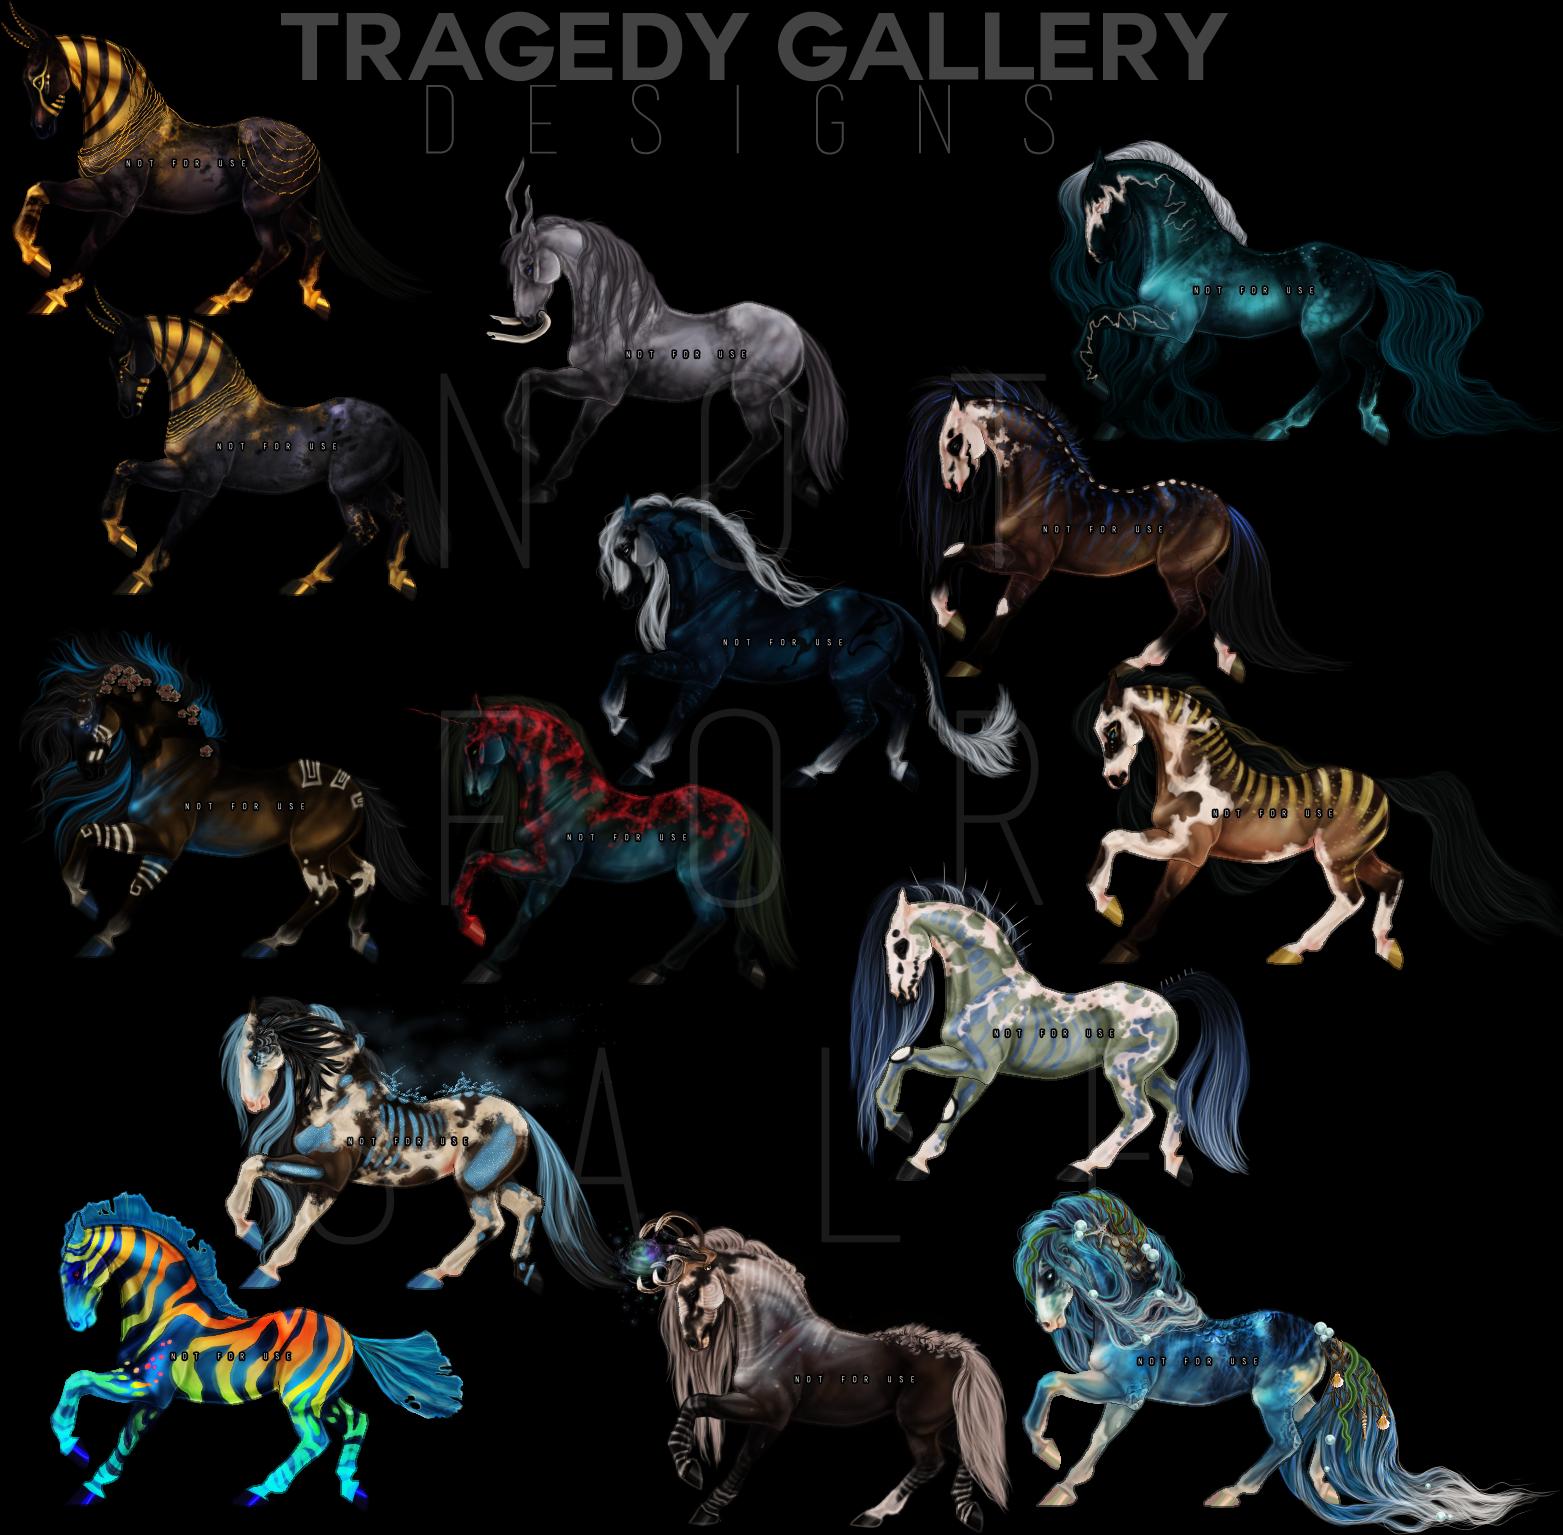 TRAGEDY GALLERY: ORIGINAL DESIGNS by elegant--tragedy